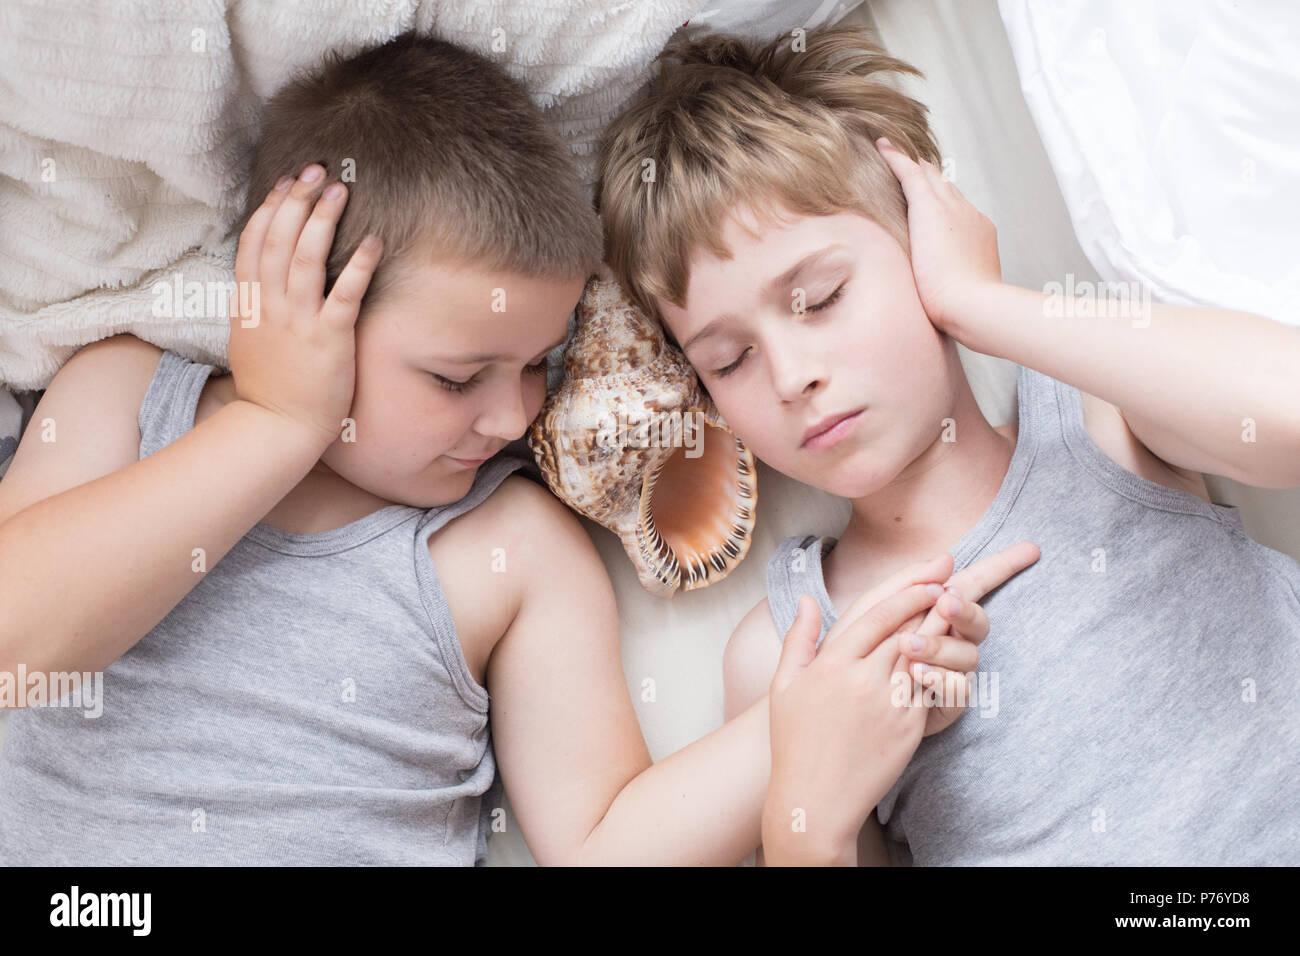 Hermanos - una mañana perezosa en la cama, la ropa de cama. Diversión y descanso, relax, perezoso Domingo Imagen De Stock